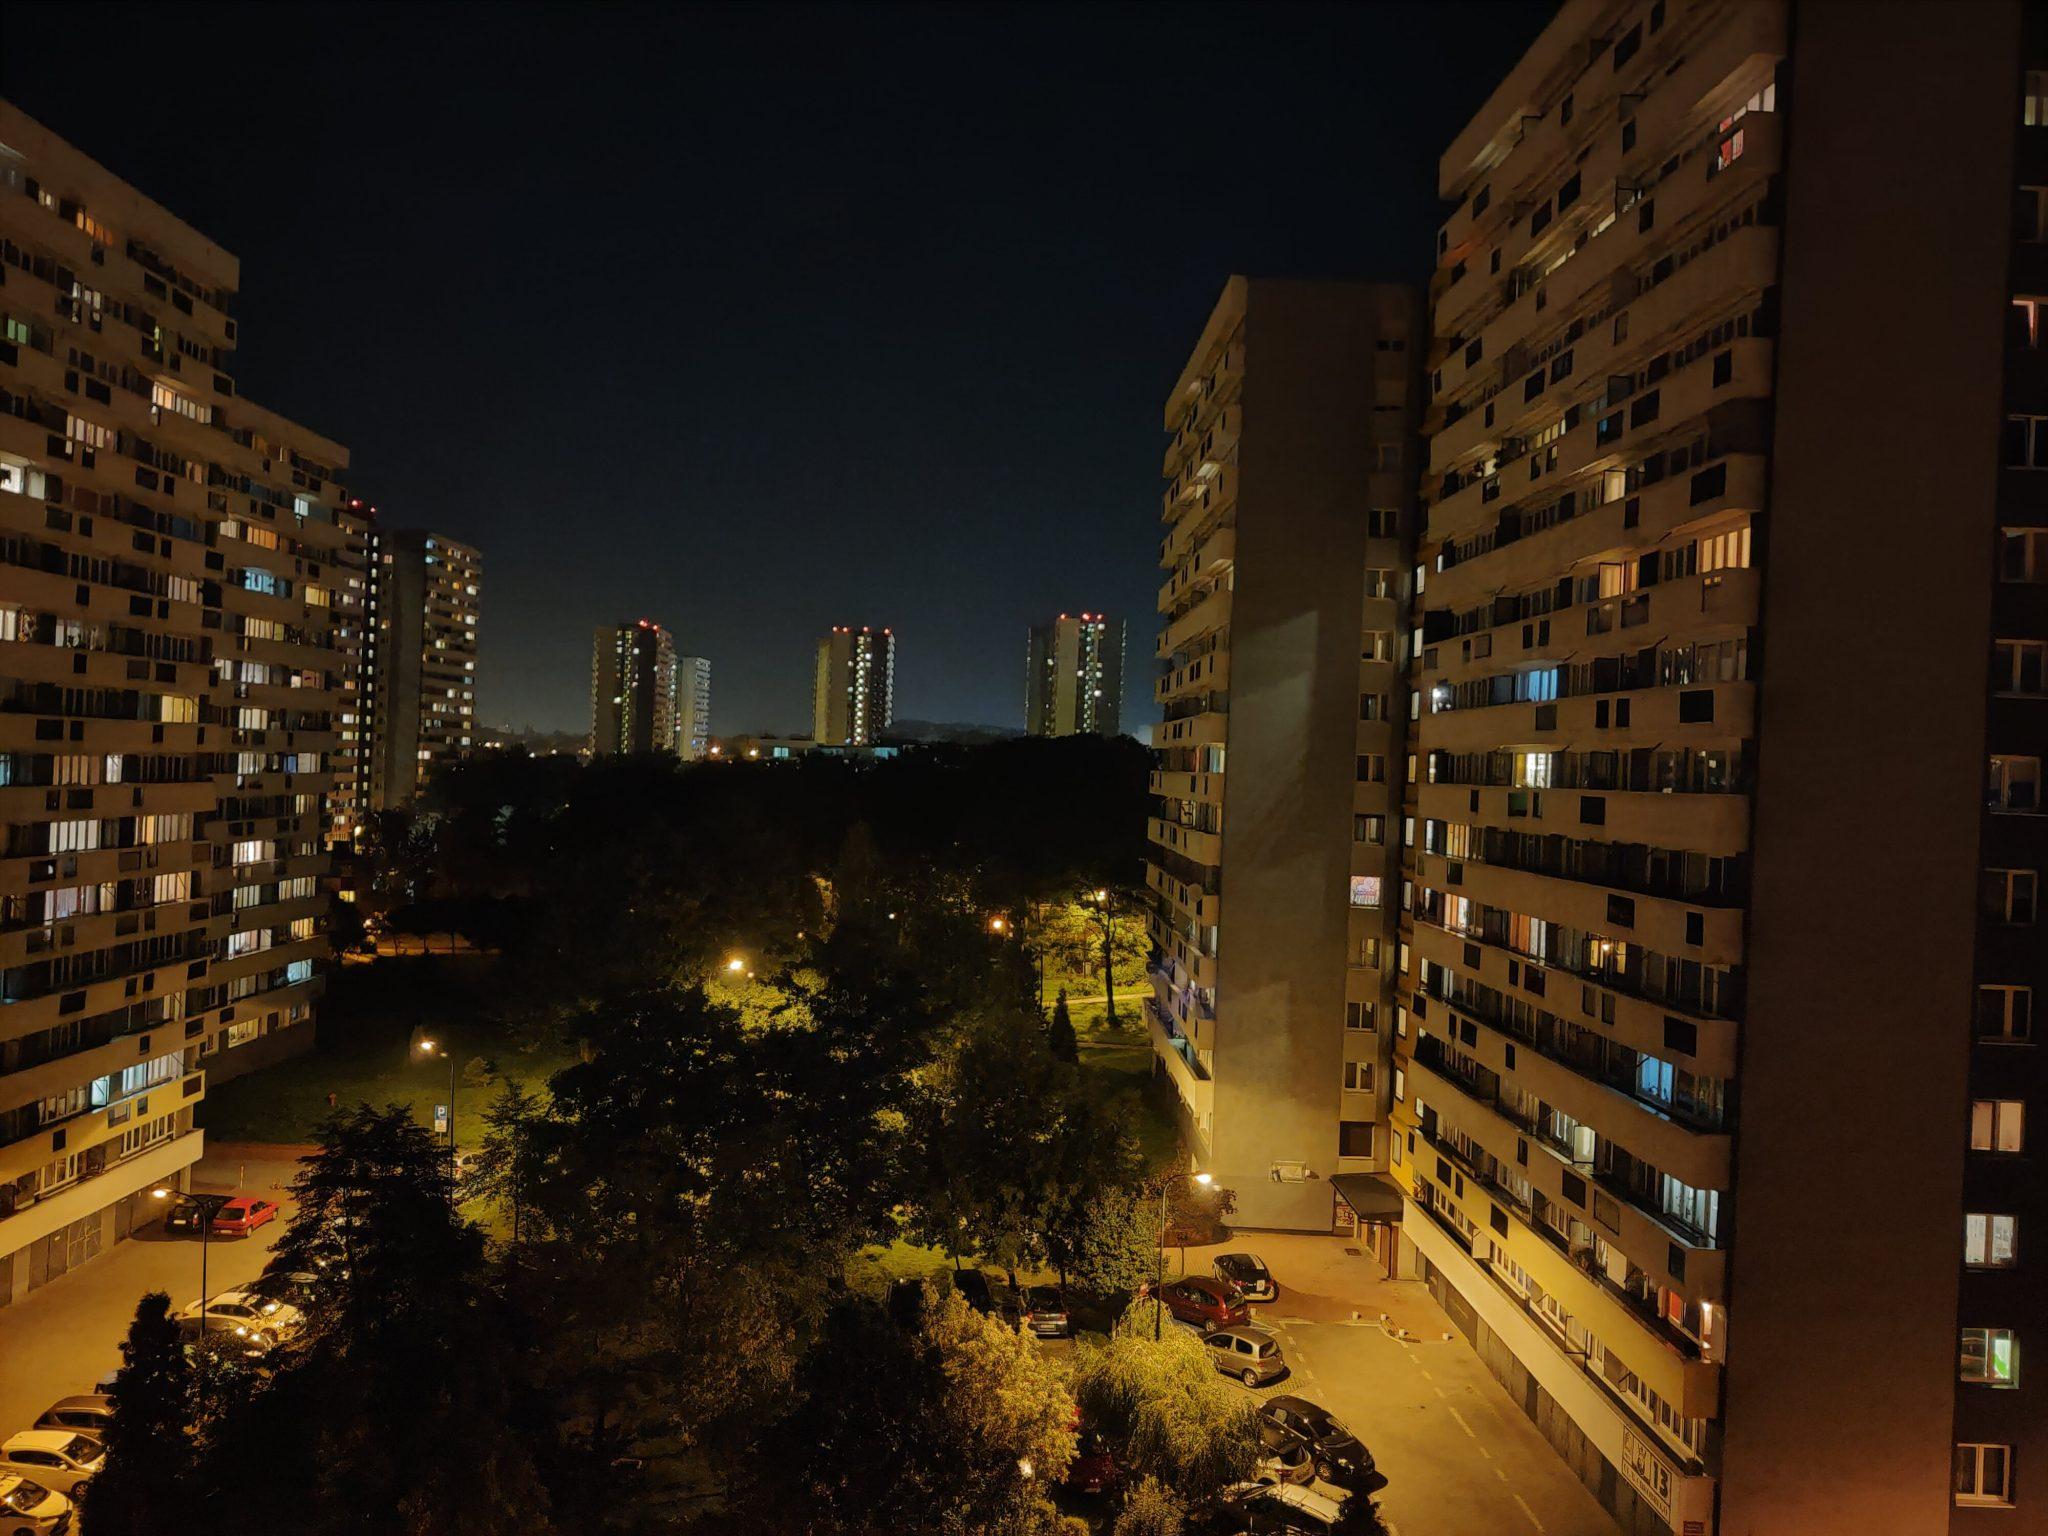 Zdjęcia nocne - Oppo Reno 10x Zoom